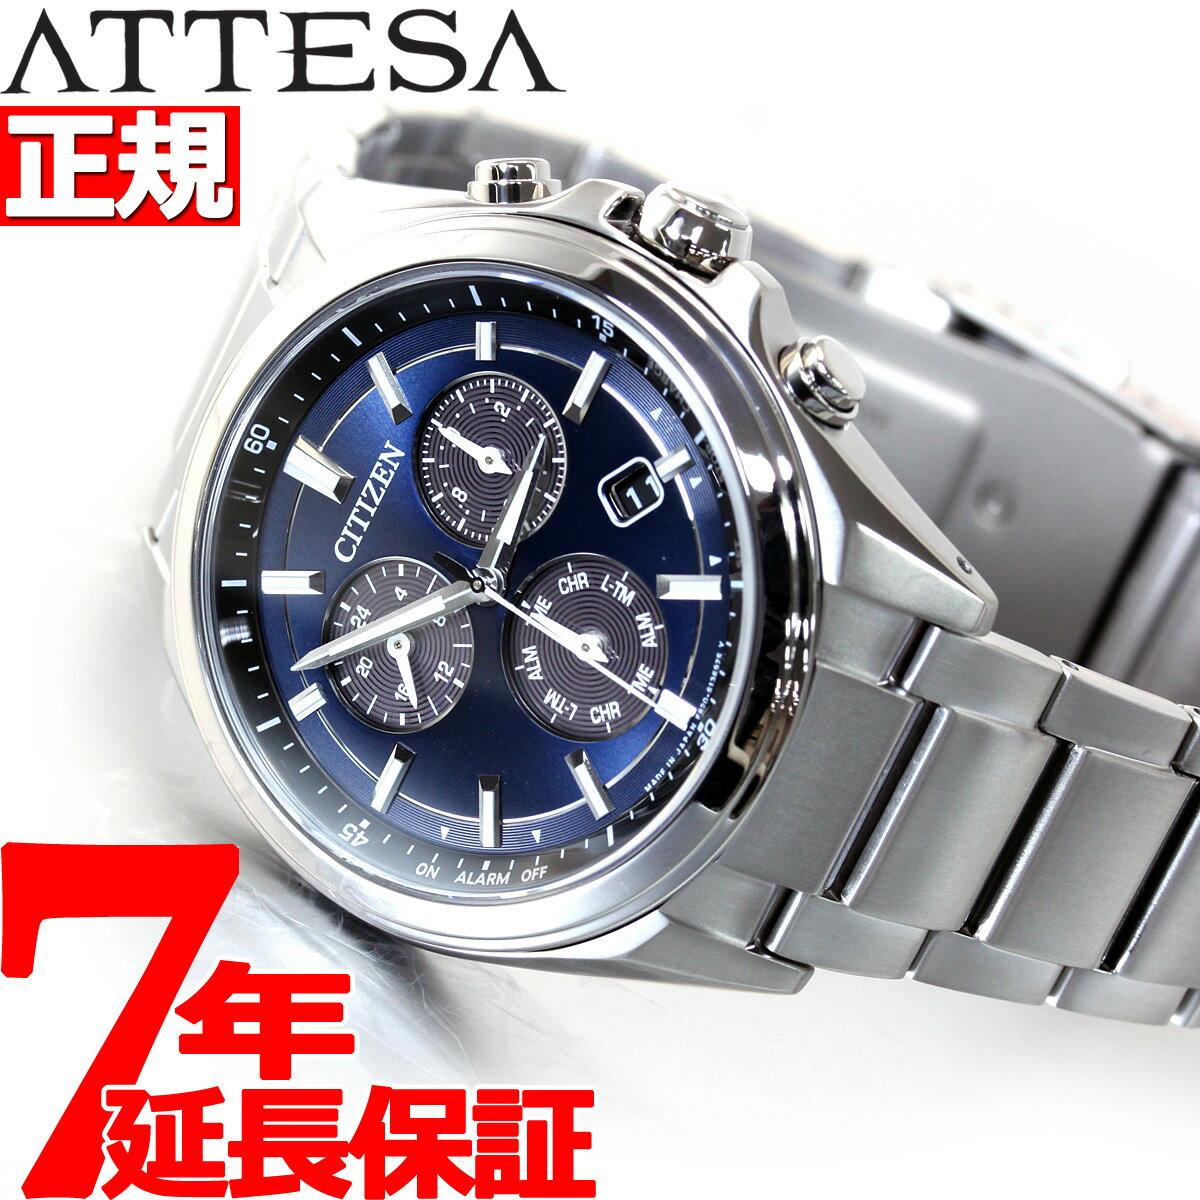 腕時計, メンズ腕時計 2502000OFF60252359 CITIZEN ATTESA BL5530-57L